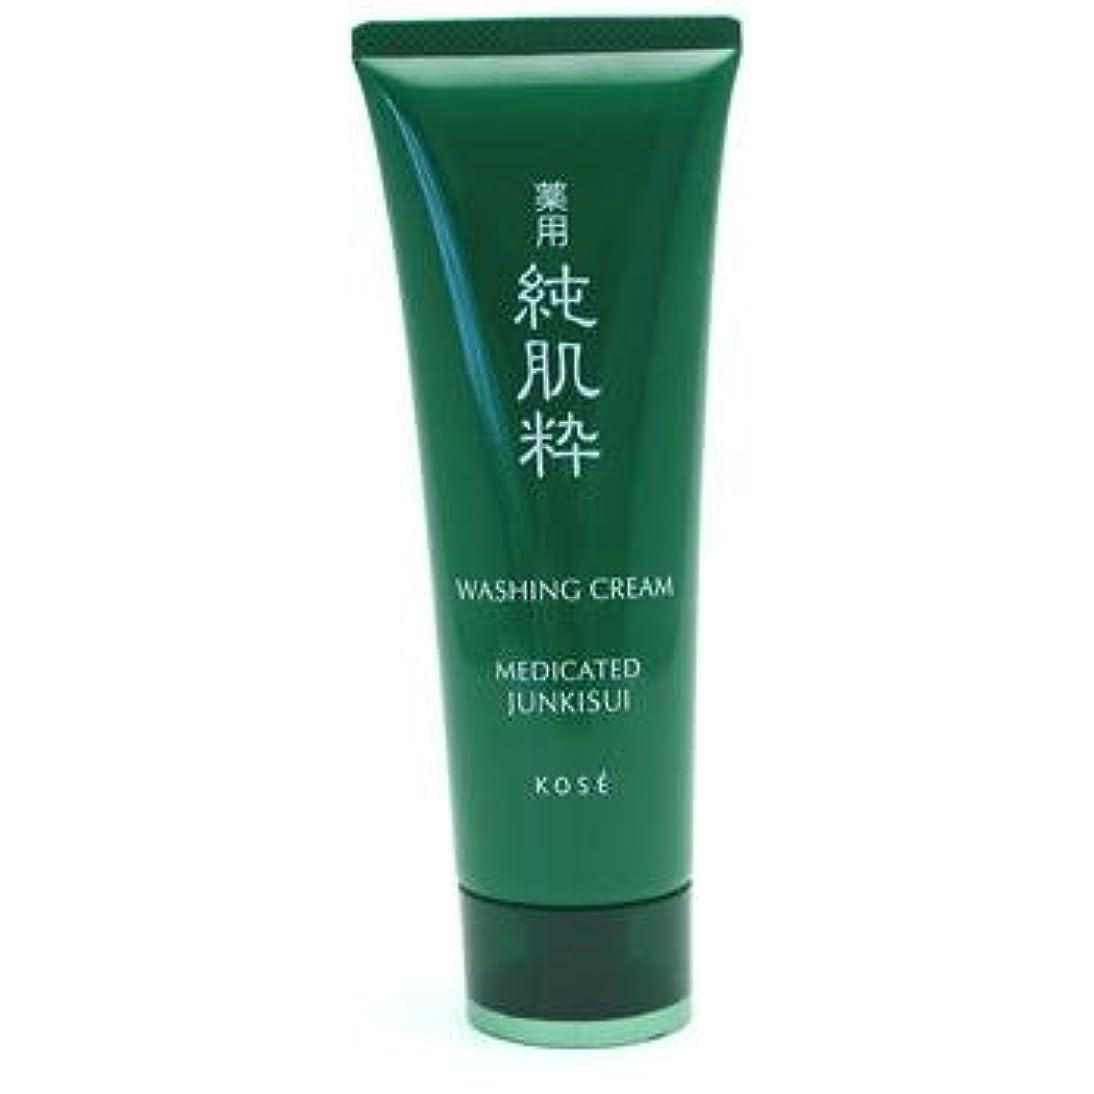 封建びっくり矢じりコーセー 薬用純肌粋 洗顔クリーム<医薬部外品>(120g)